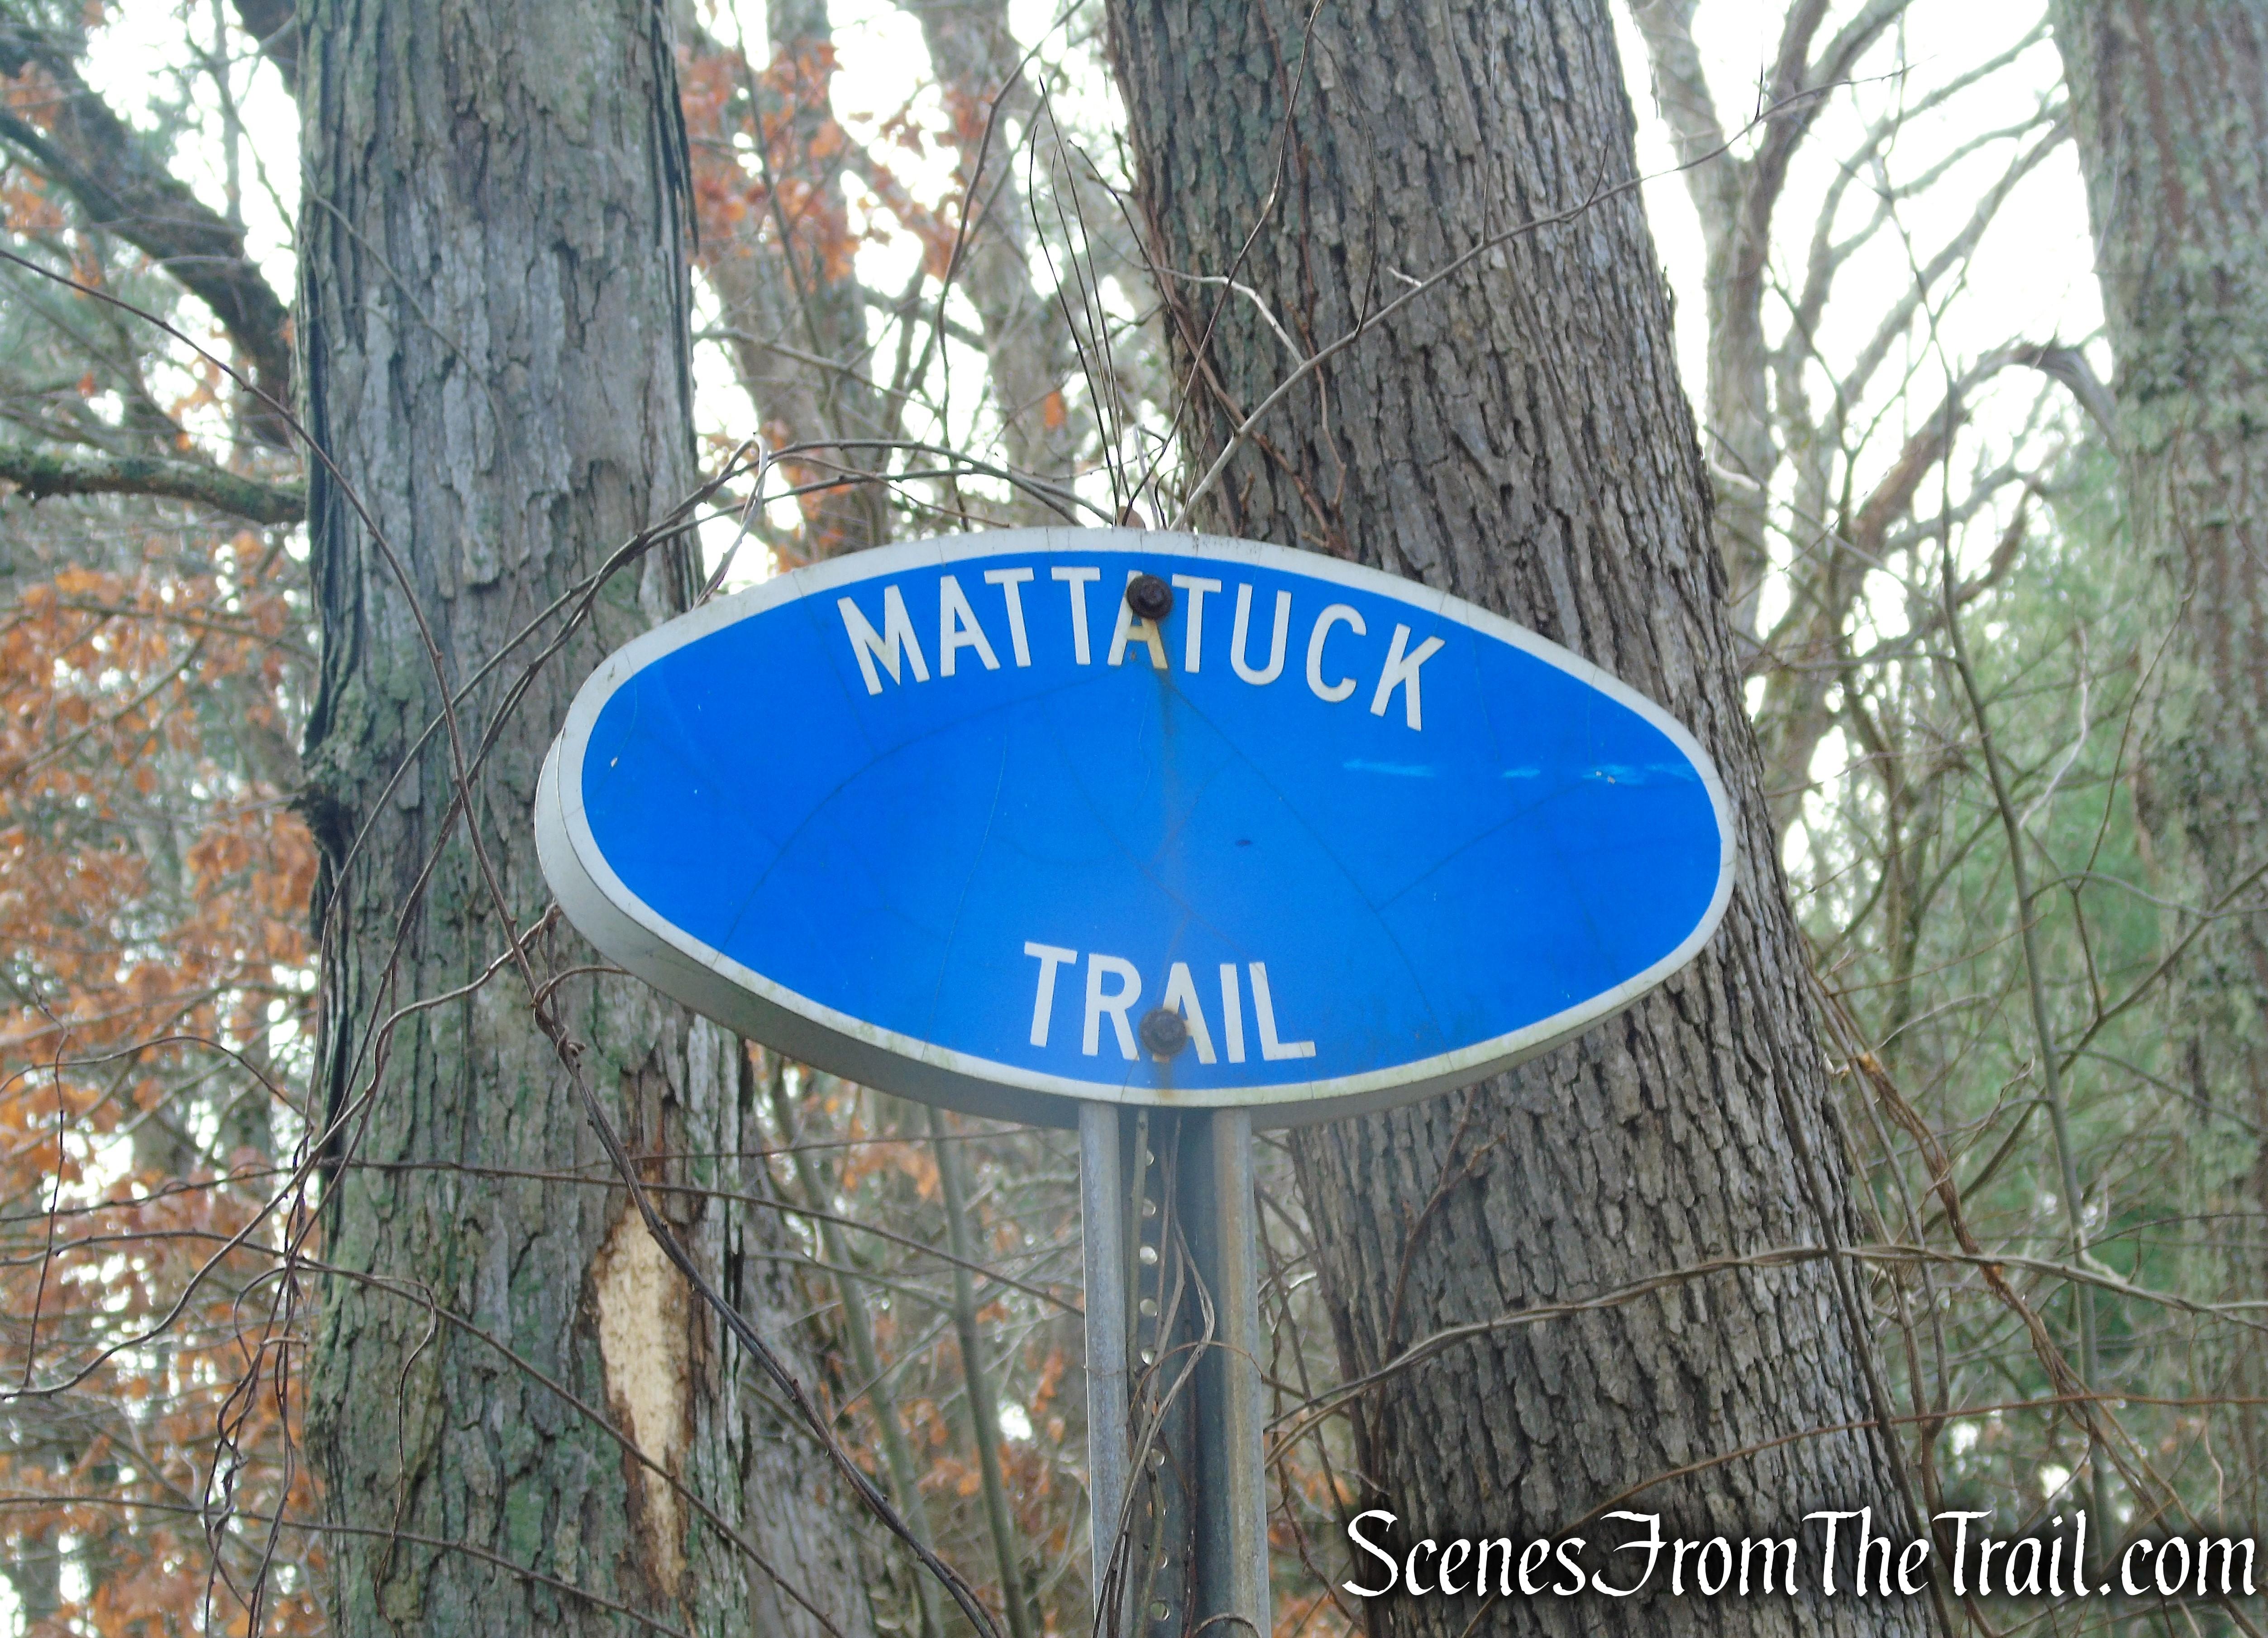 Mattatuck Trail - Mattatuck State Forest